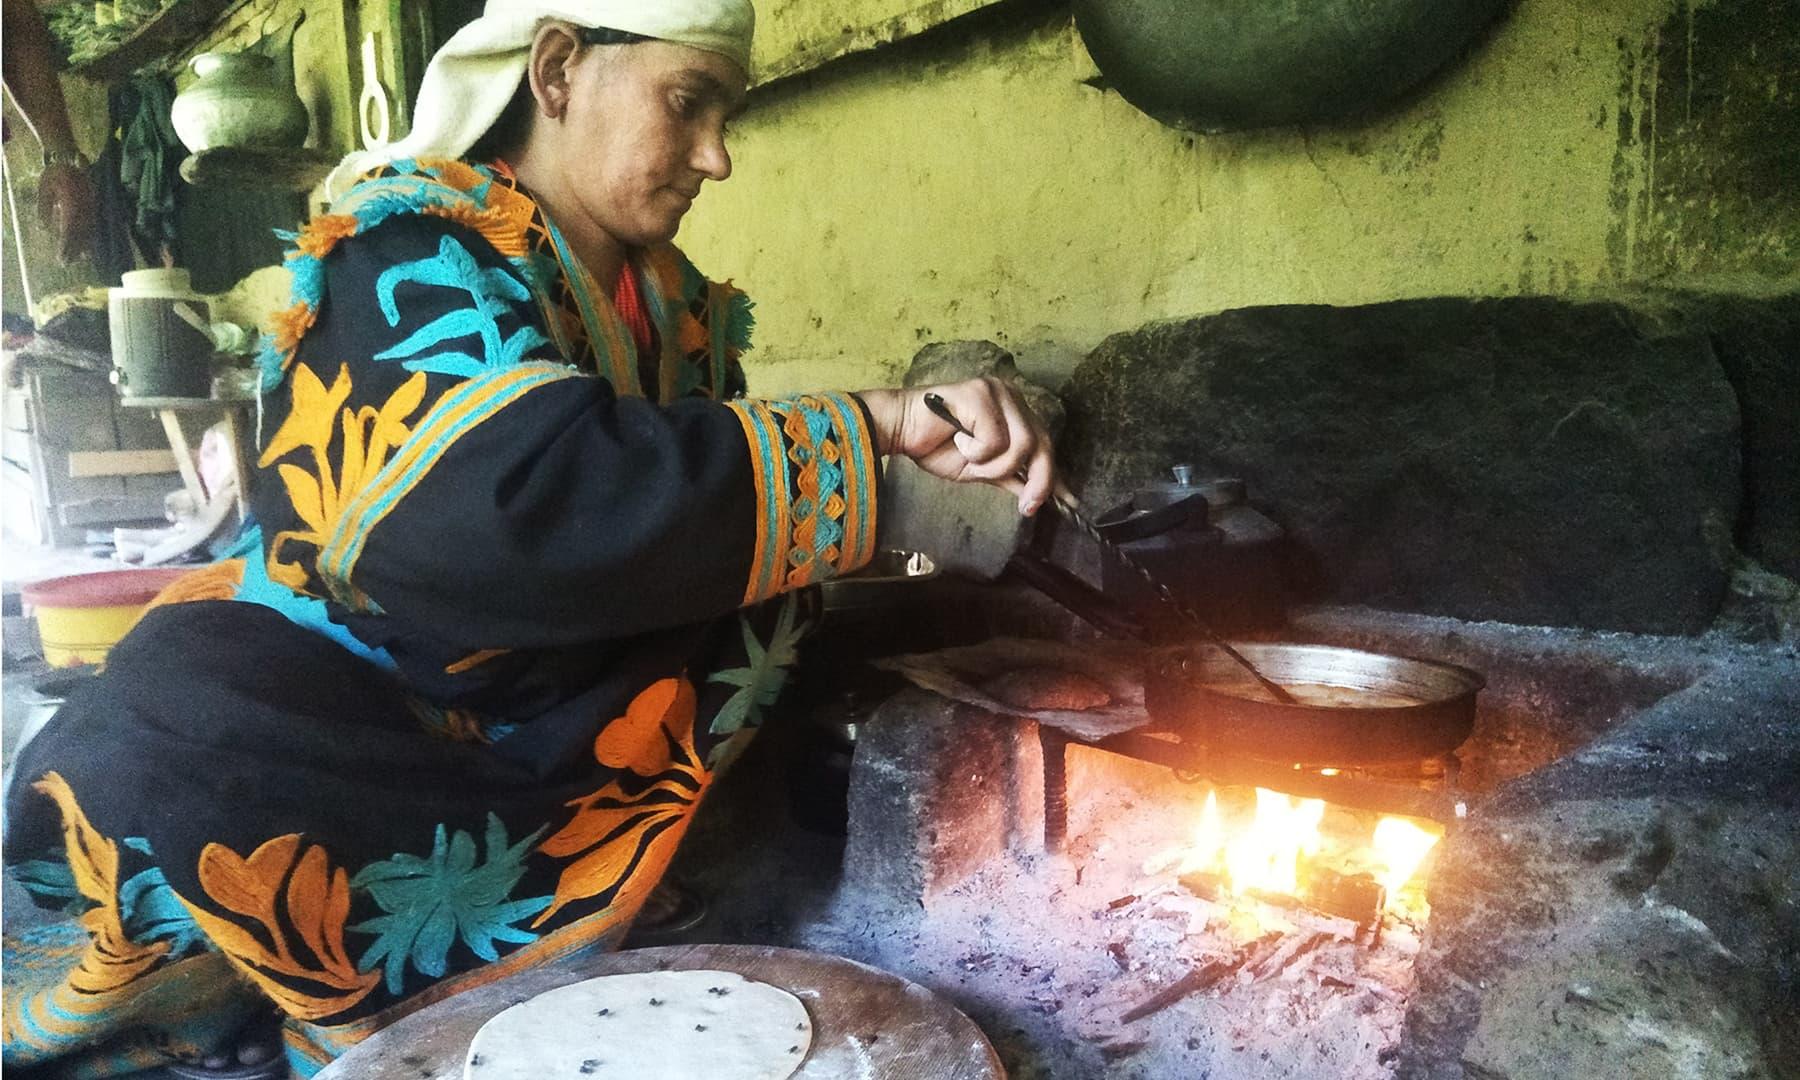 بزرگ خاتون کے گھر میں چائے پراٹھوں کے ساتھ ہماری تواضح کی گئی—تصویر عظمت اکبر